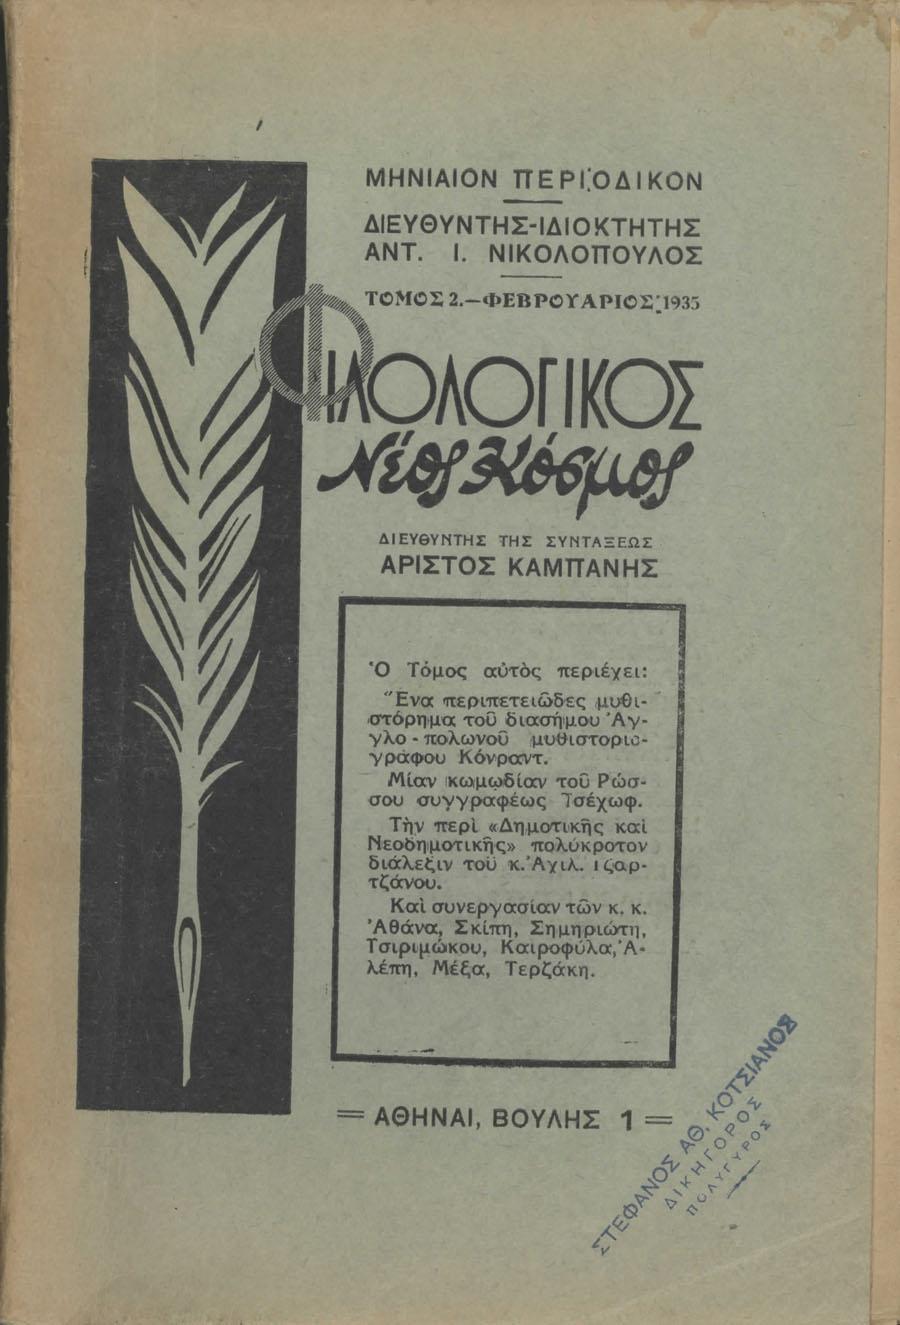 Φιλολογικός Νέος Κόσμος Φεβρουάριος 1935 Αρ. Τεύχους 2